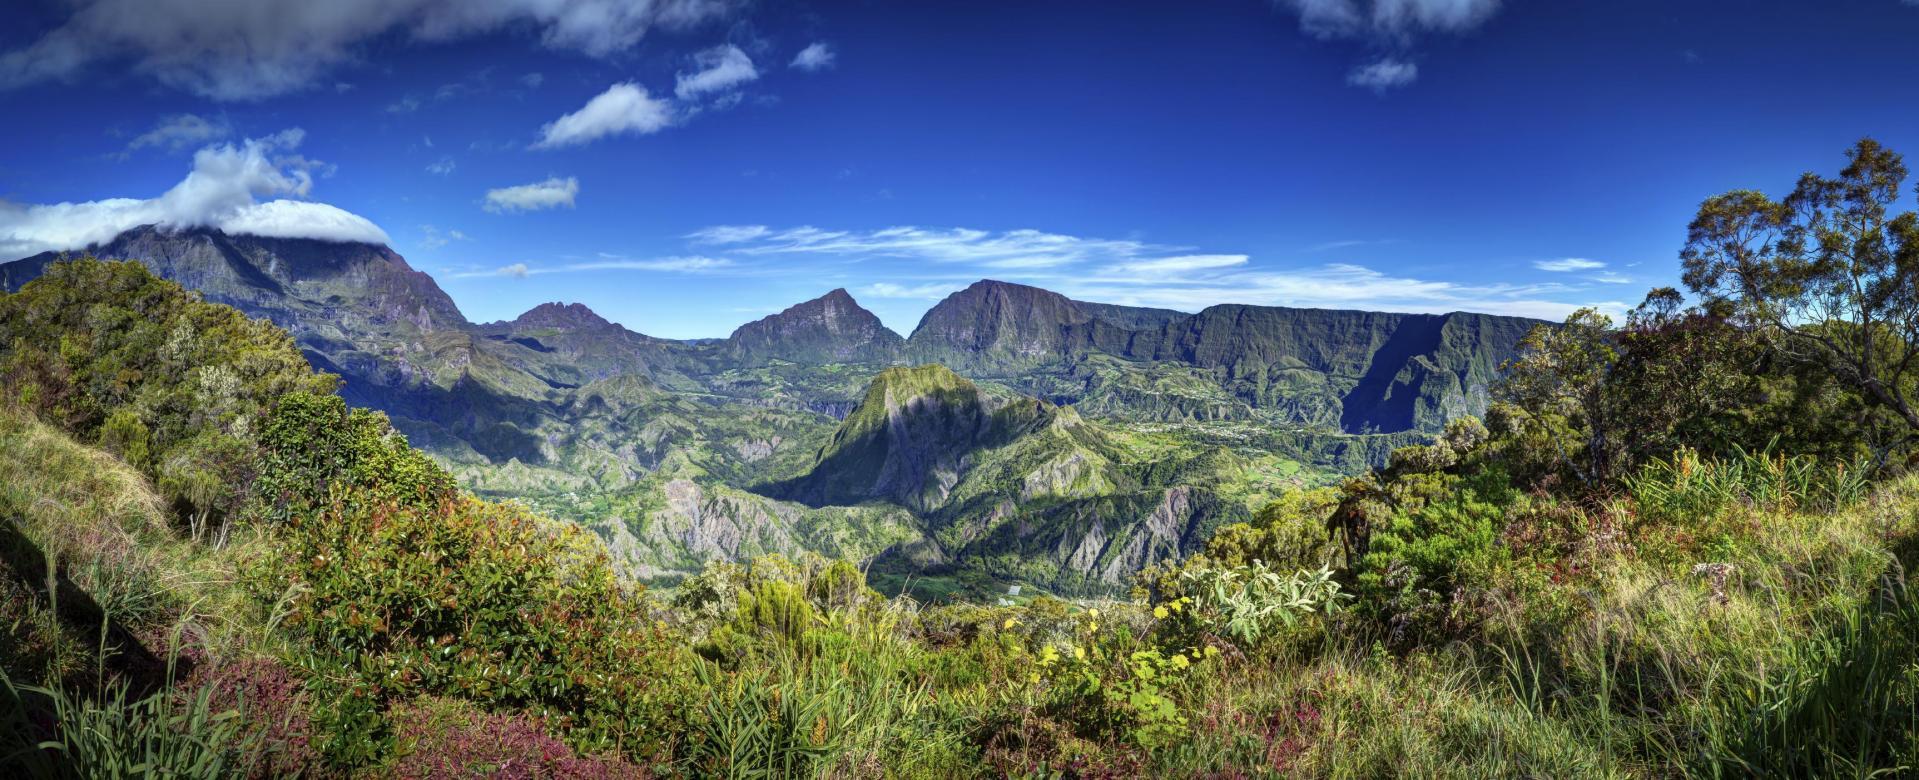 Voyage à pied Réunion : L'île aux trésors